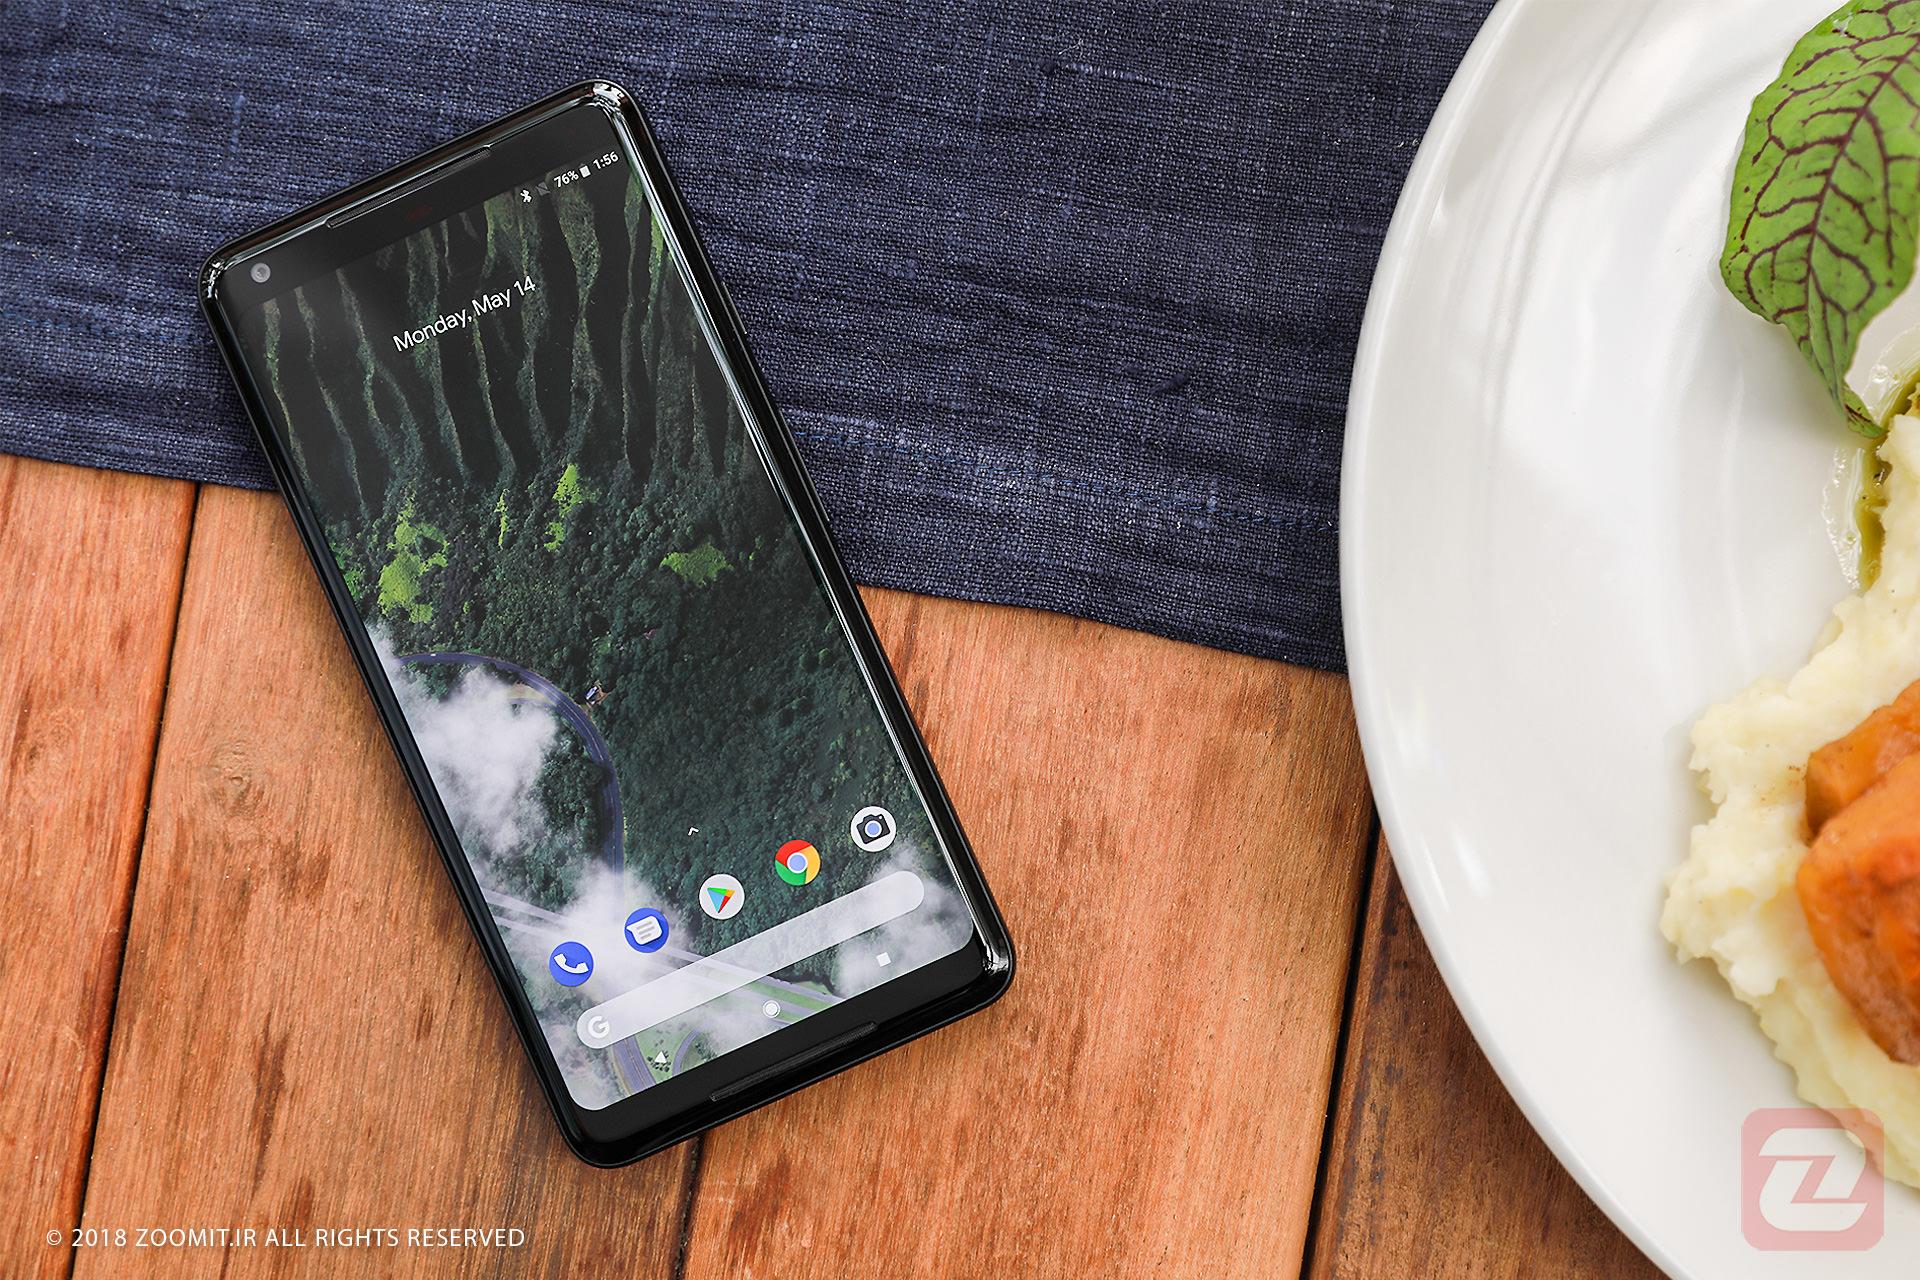 واردات یک میلیون و ۱۴۱ هزار دستگاه گوشی در سه ماهه نخست سال